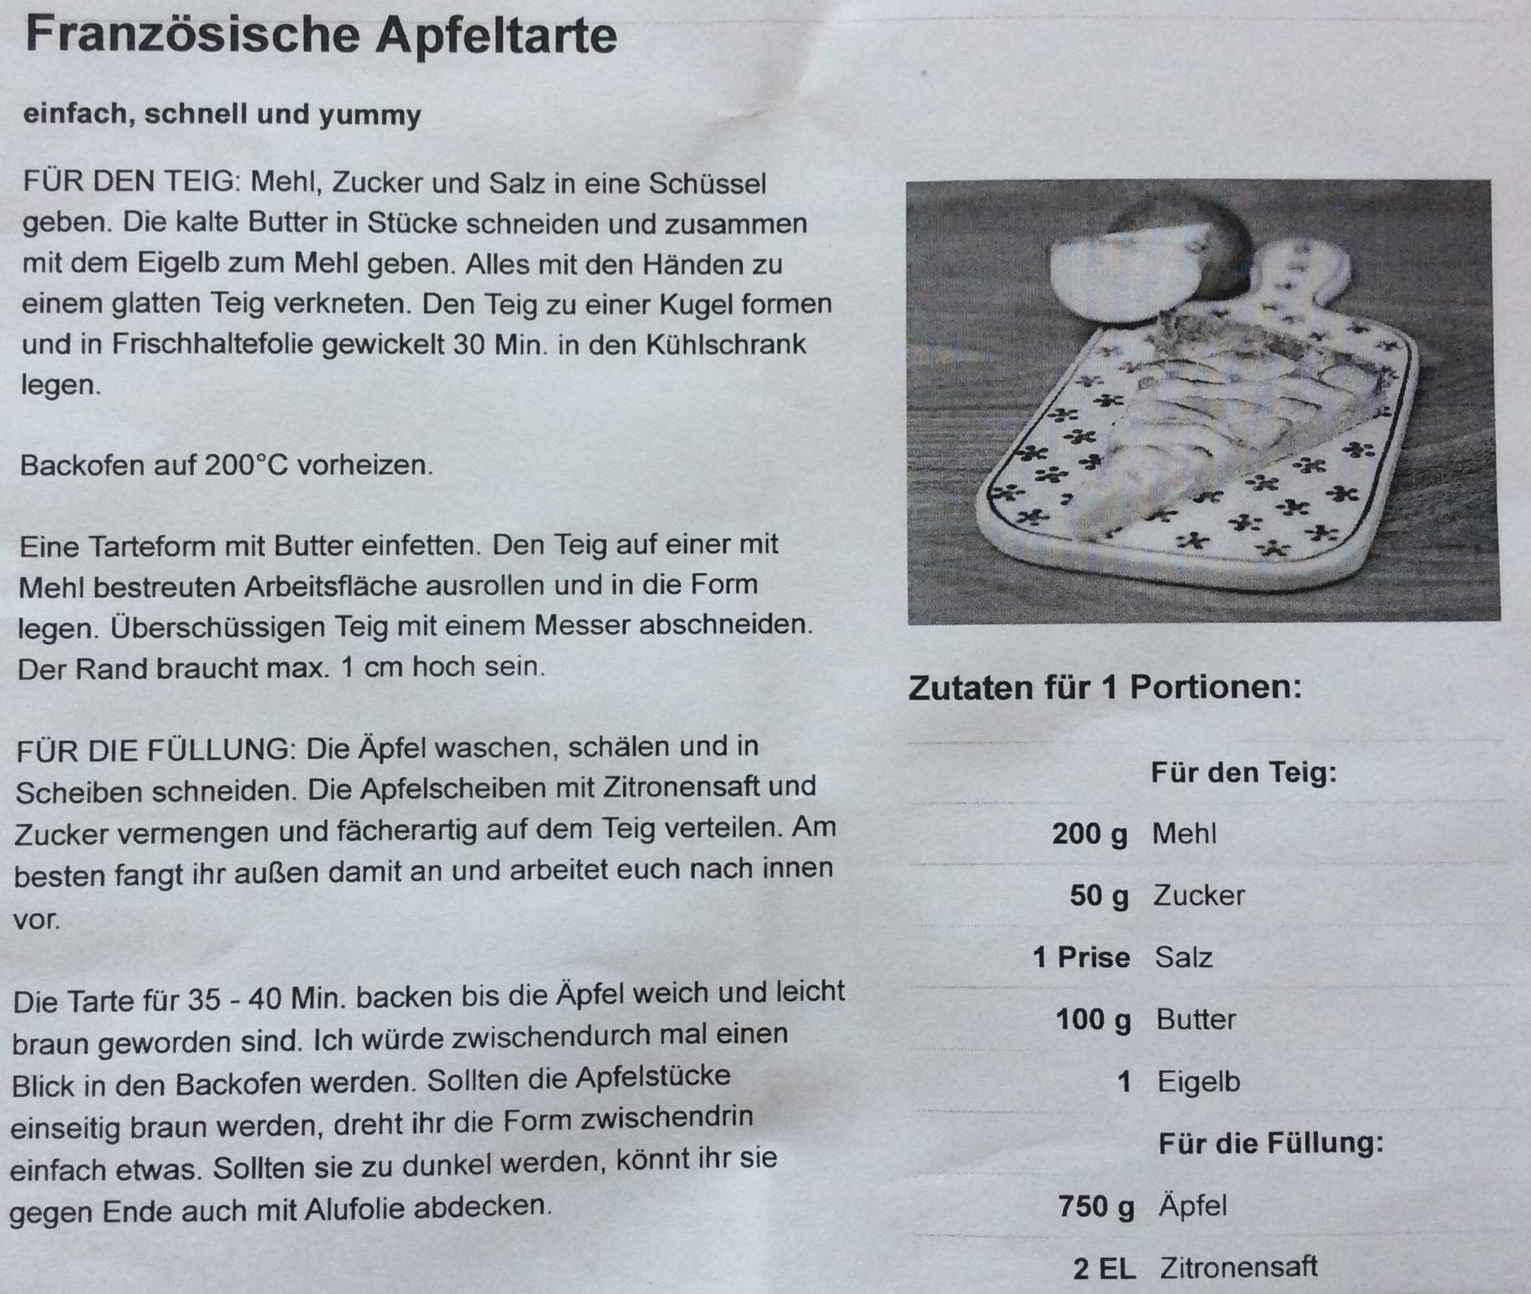 Kochgruppe Rezept Apfeltarte